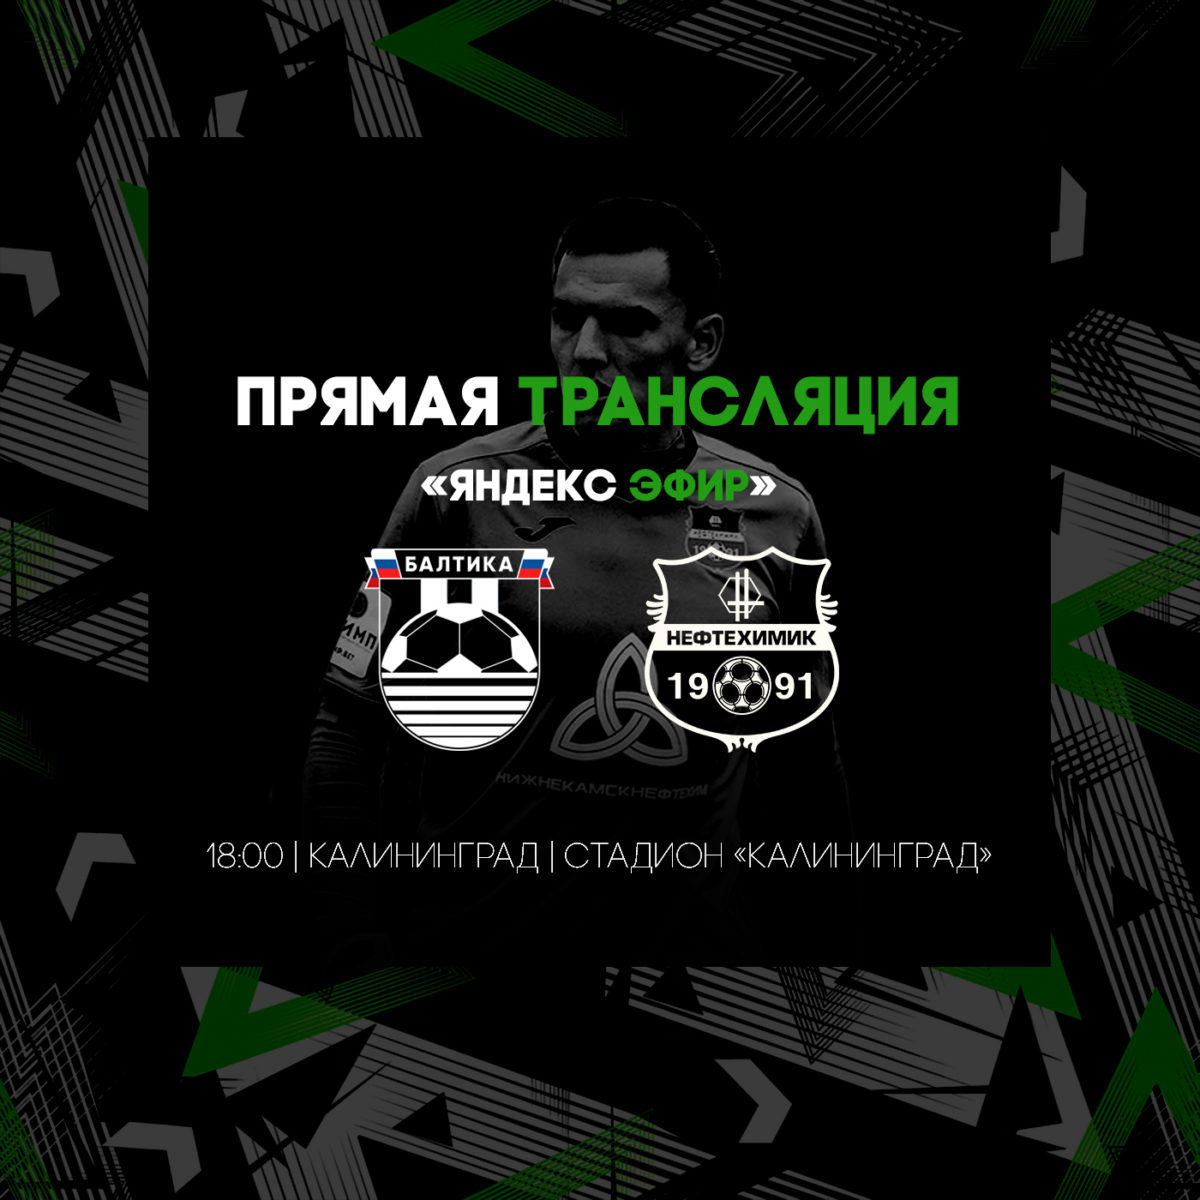 Прямая видеотрансляция матча «Балтика» — «Нефтехимик»